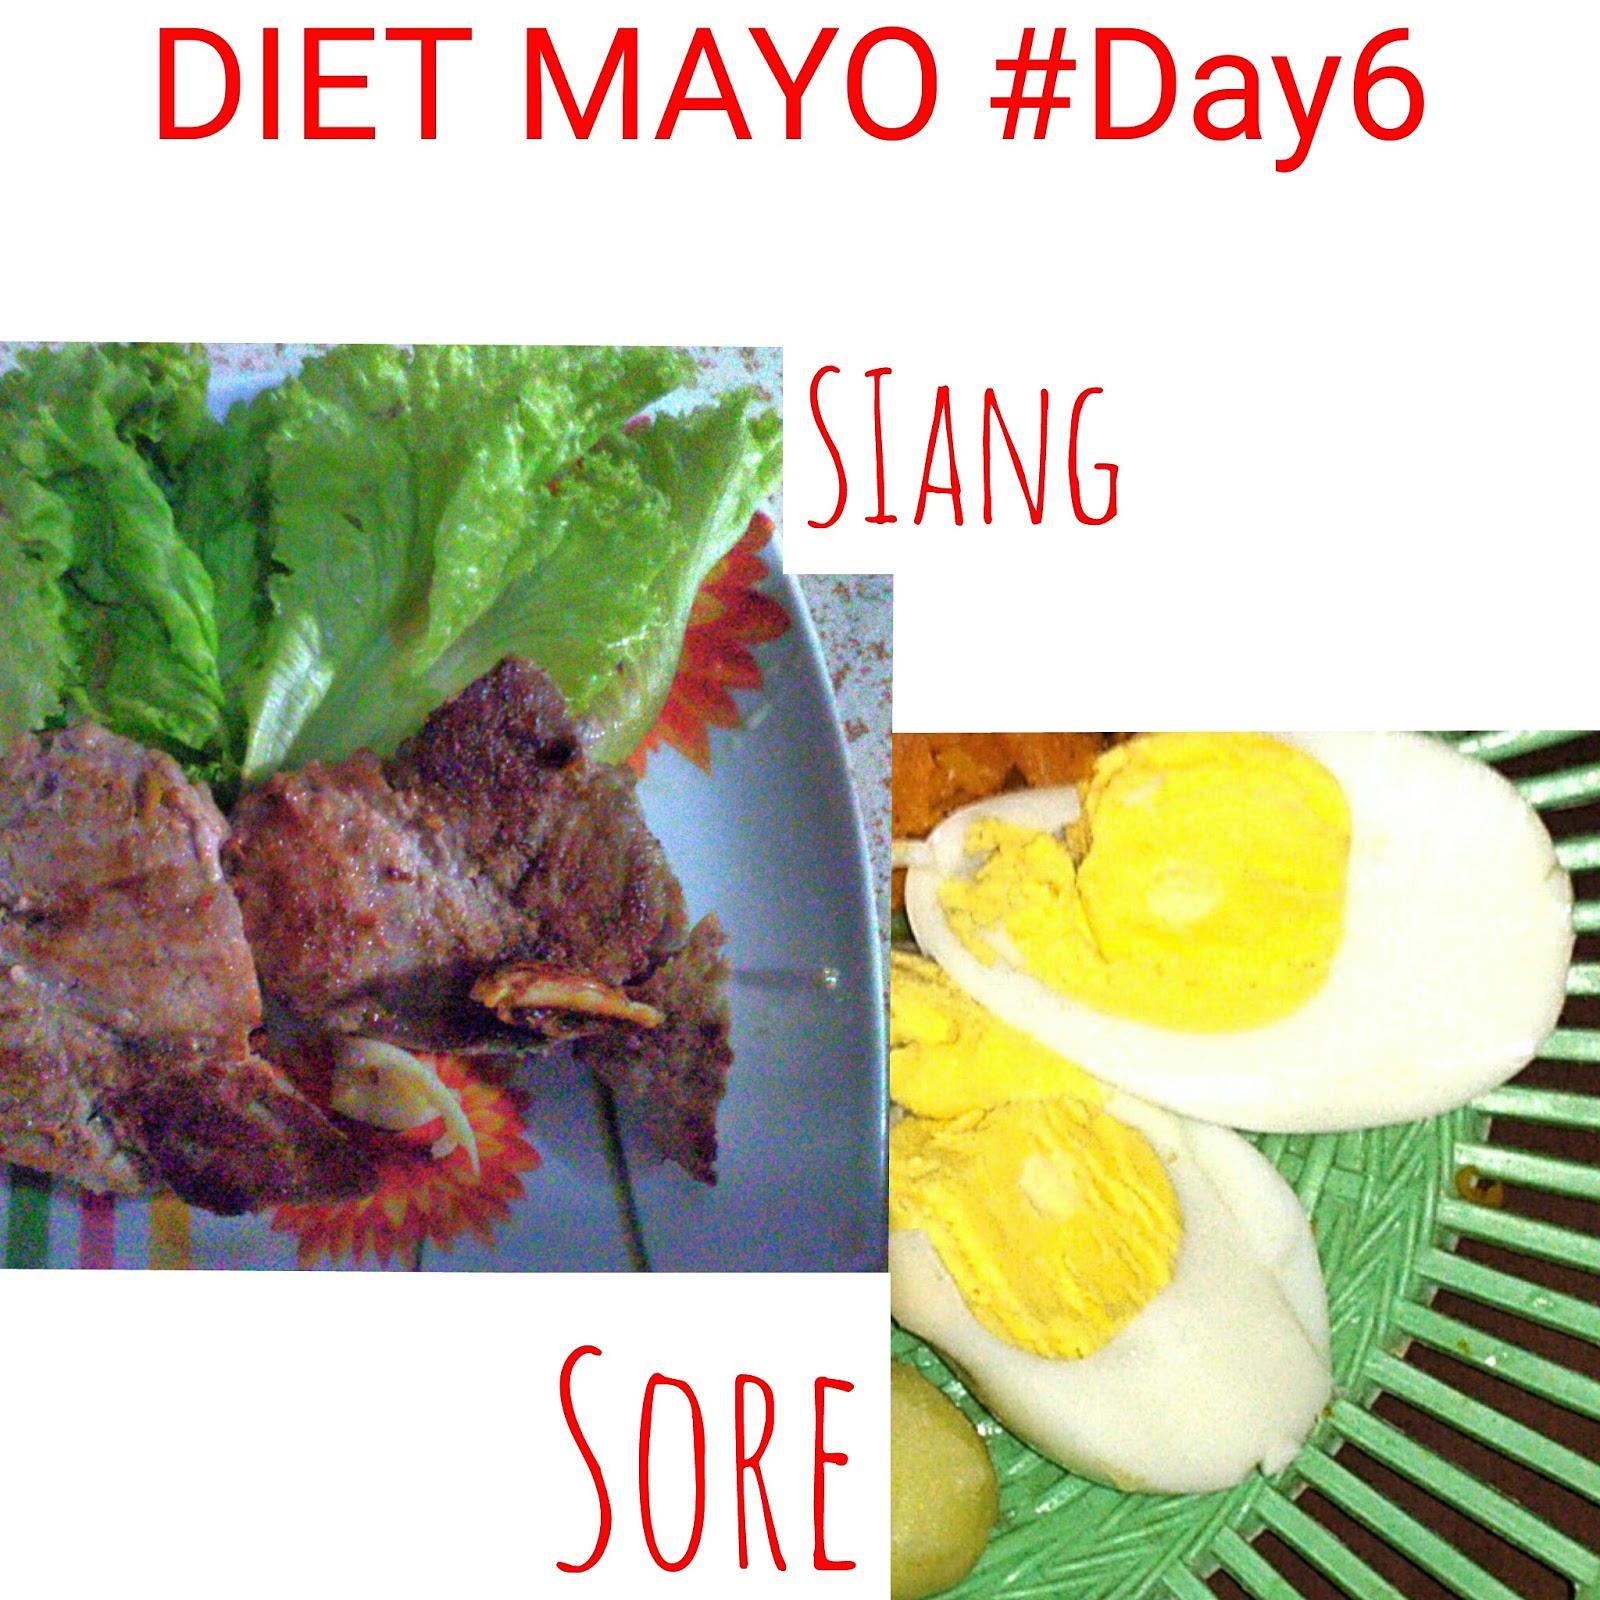 Pengalaman Pribadi Diet Mayo Berhasil Turunkan 4 Kg Dalam Waktu 2 Minggu